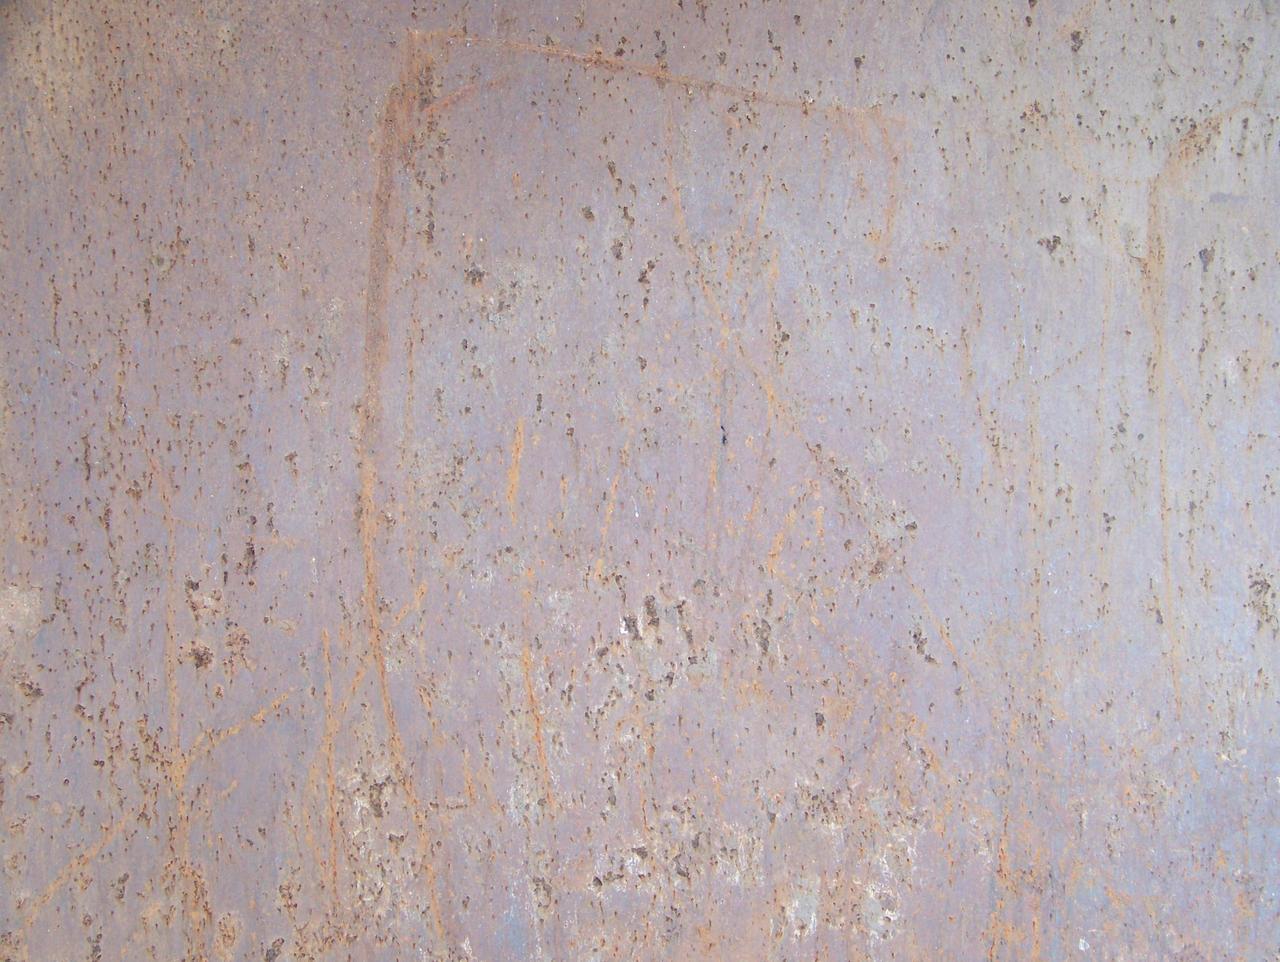 Farm Rust Texture 2